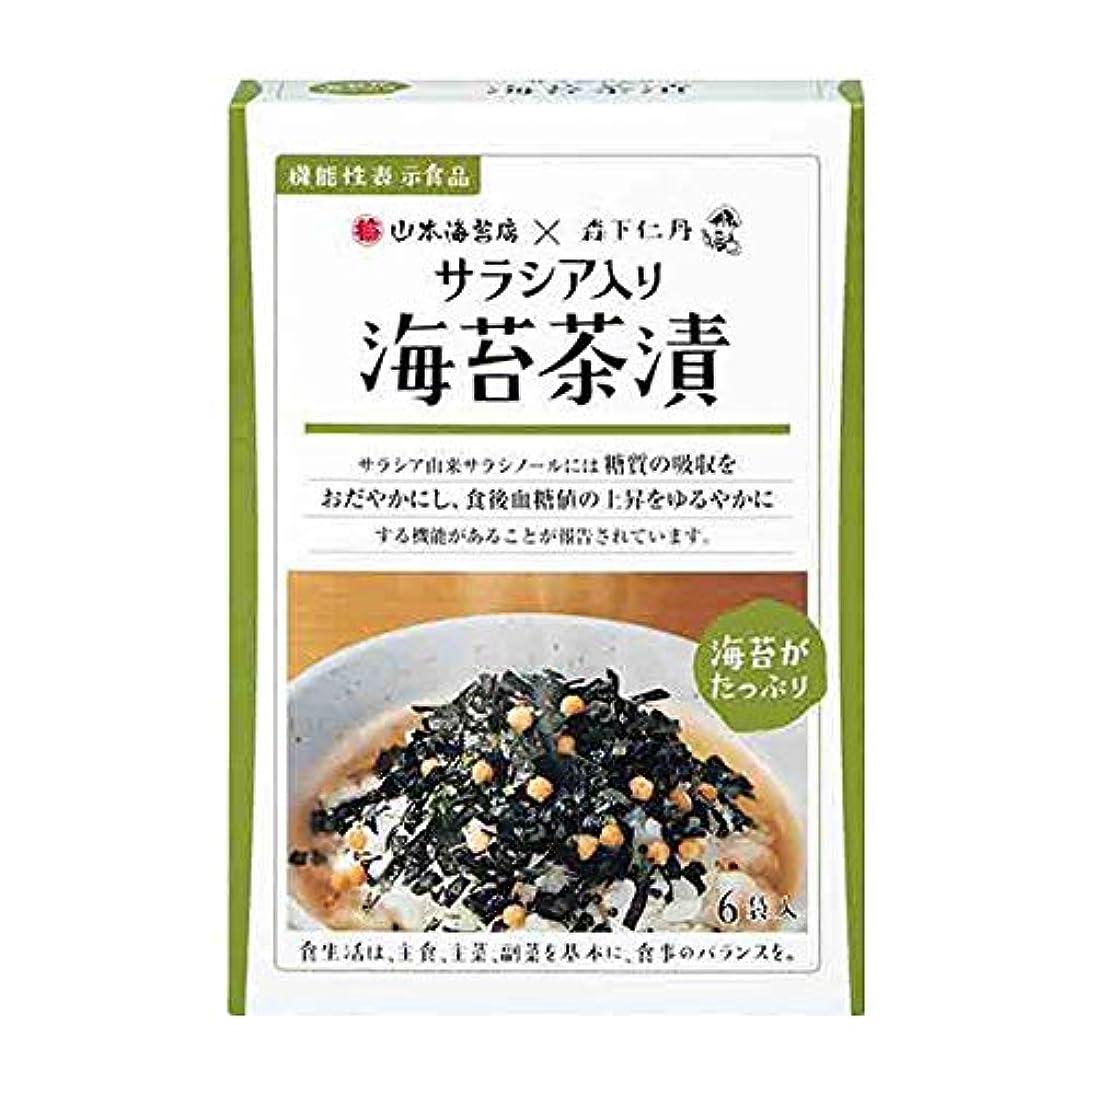 回転指導する項目森下仁丹 海苔茶漬 サラシア入り (6.2g×6袋) [機能性表示食品]